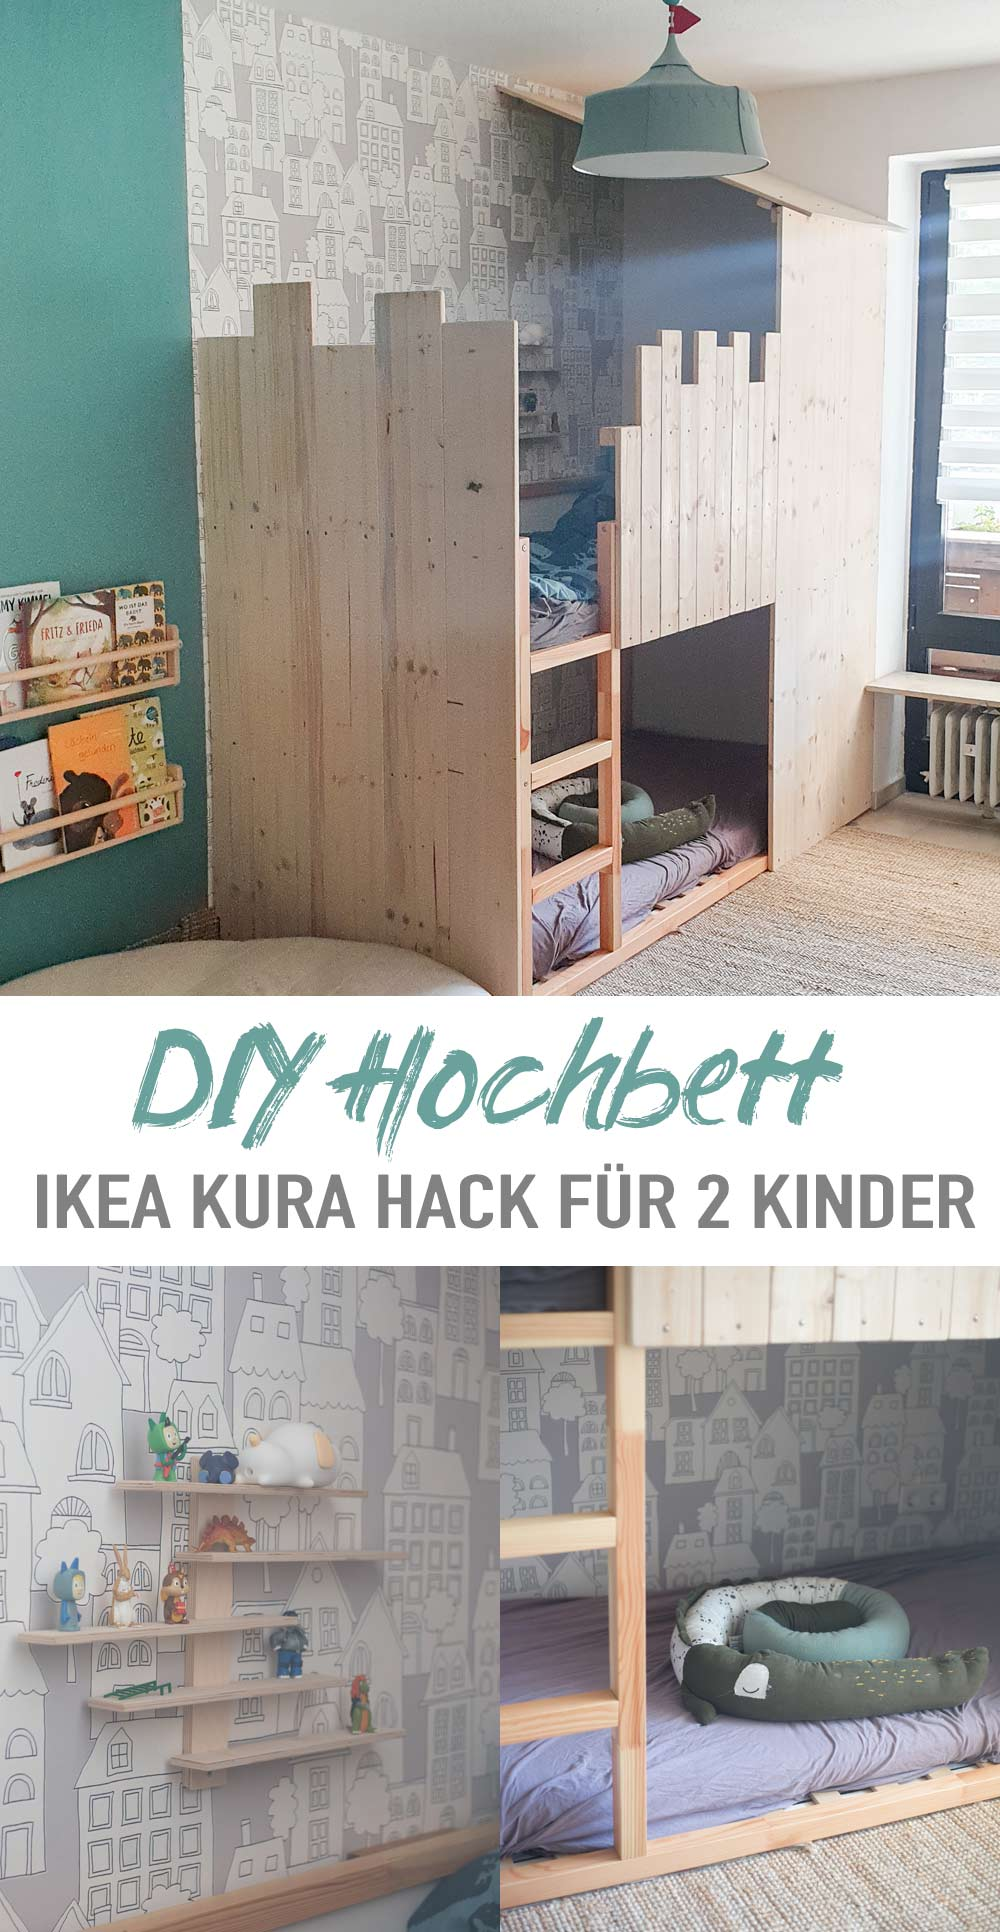 DIY Hochbett für zwei Kinder bauen - IKEA Kura Hack als Etagenbett Ritterburg